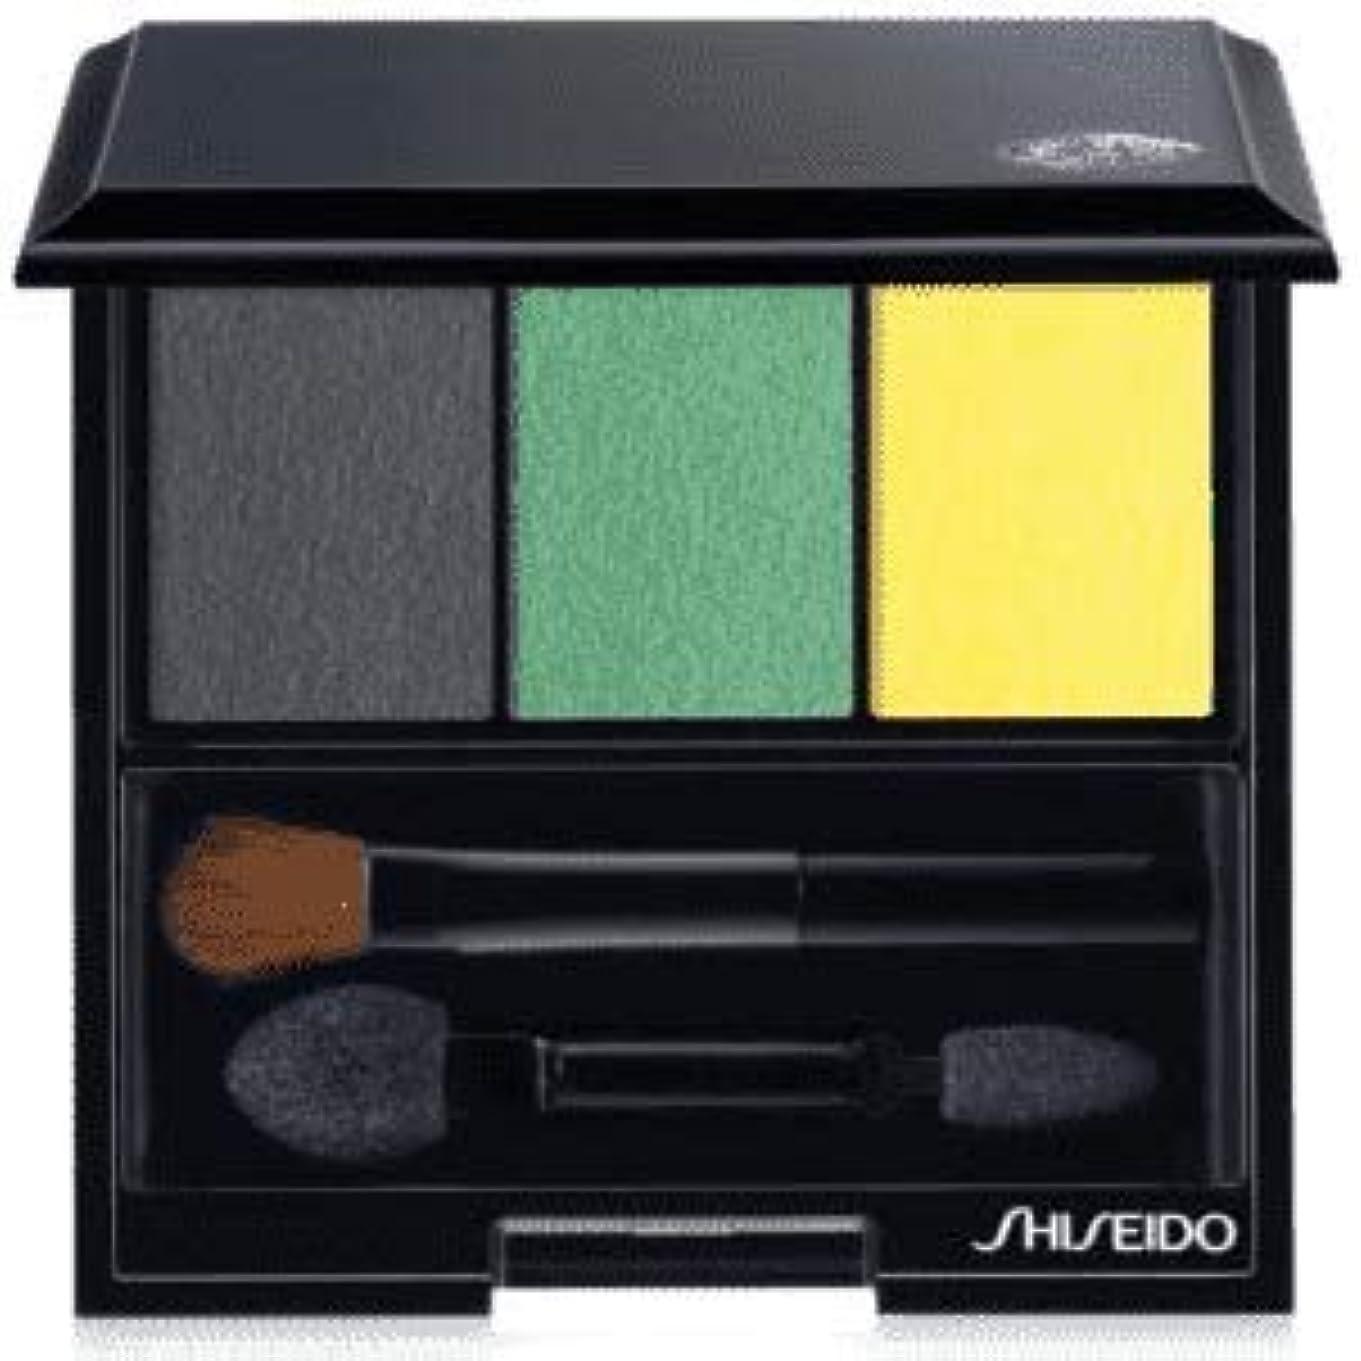 分割アボート修復資生堂 ルミナイジング サテン アイカラー トリオ GR716(Shiseido Luminizing Satin Eye Color Trio GR716) [並行輸入品]